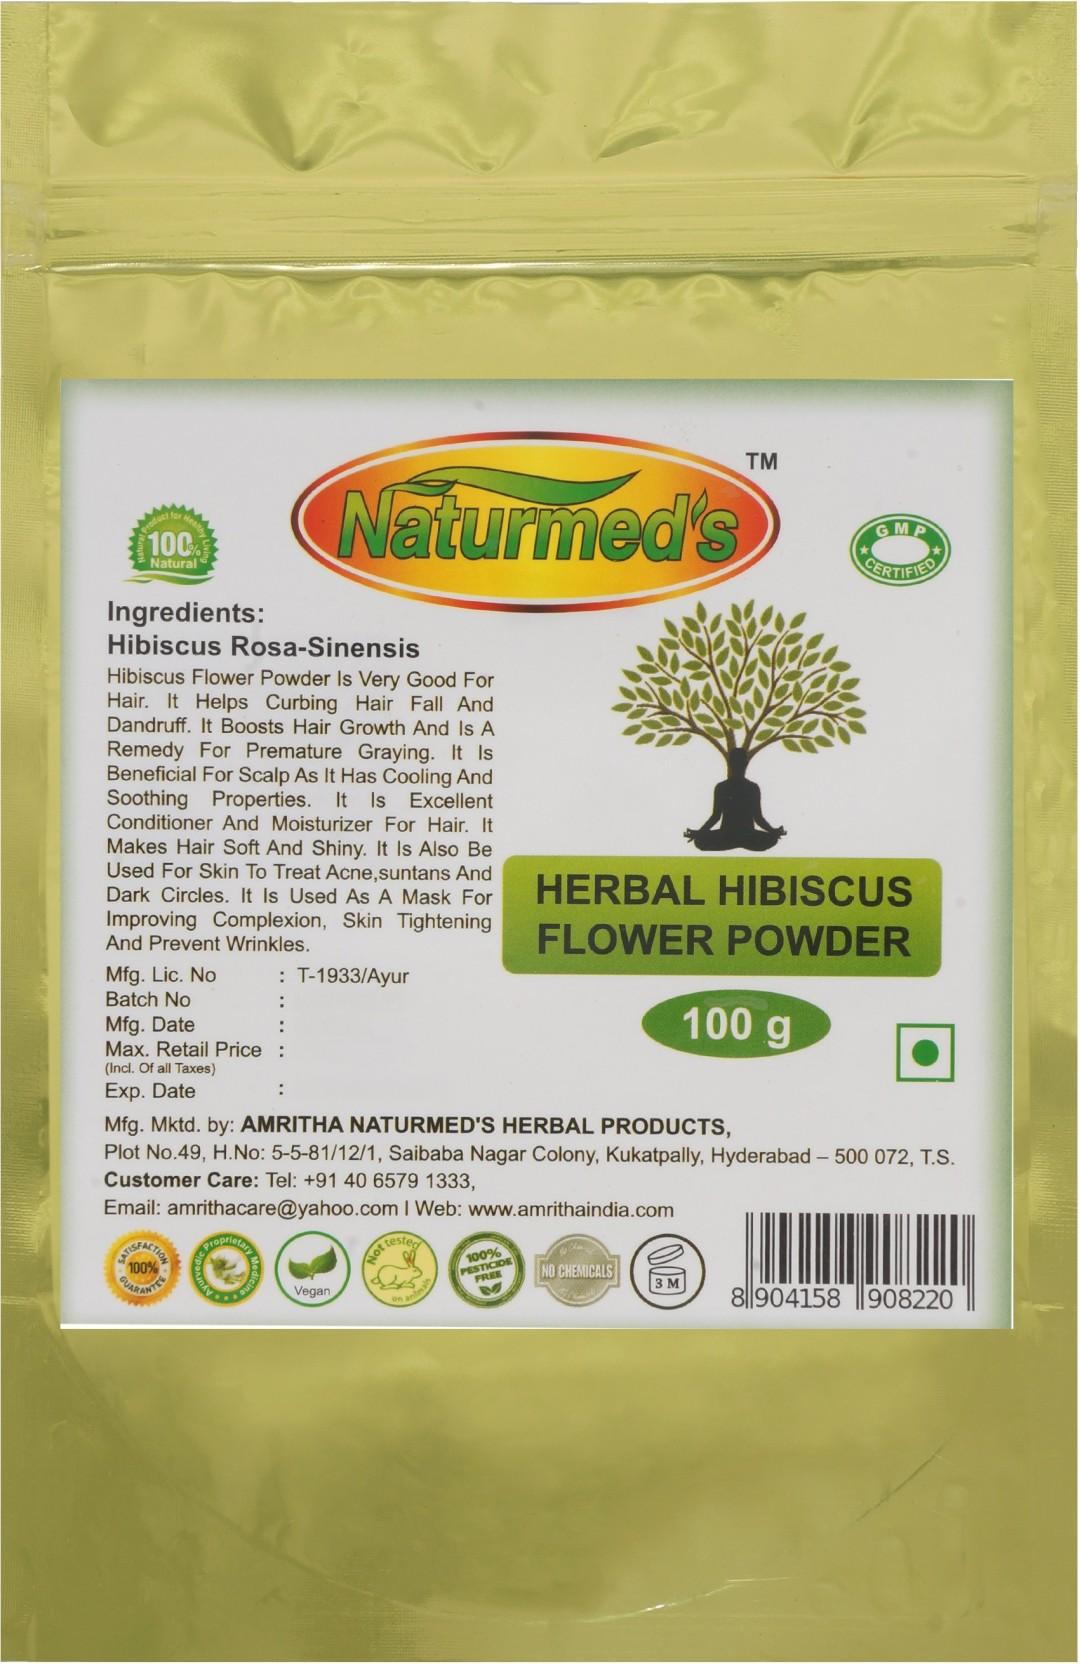 Naturmeds herbal hibiscus flower powder price in india buy naturmeds herbal hibiscus flower powder add to cart izmirmasajfo